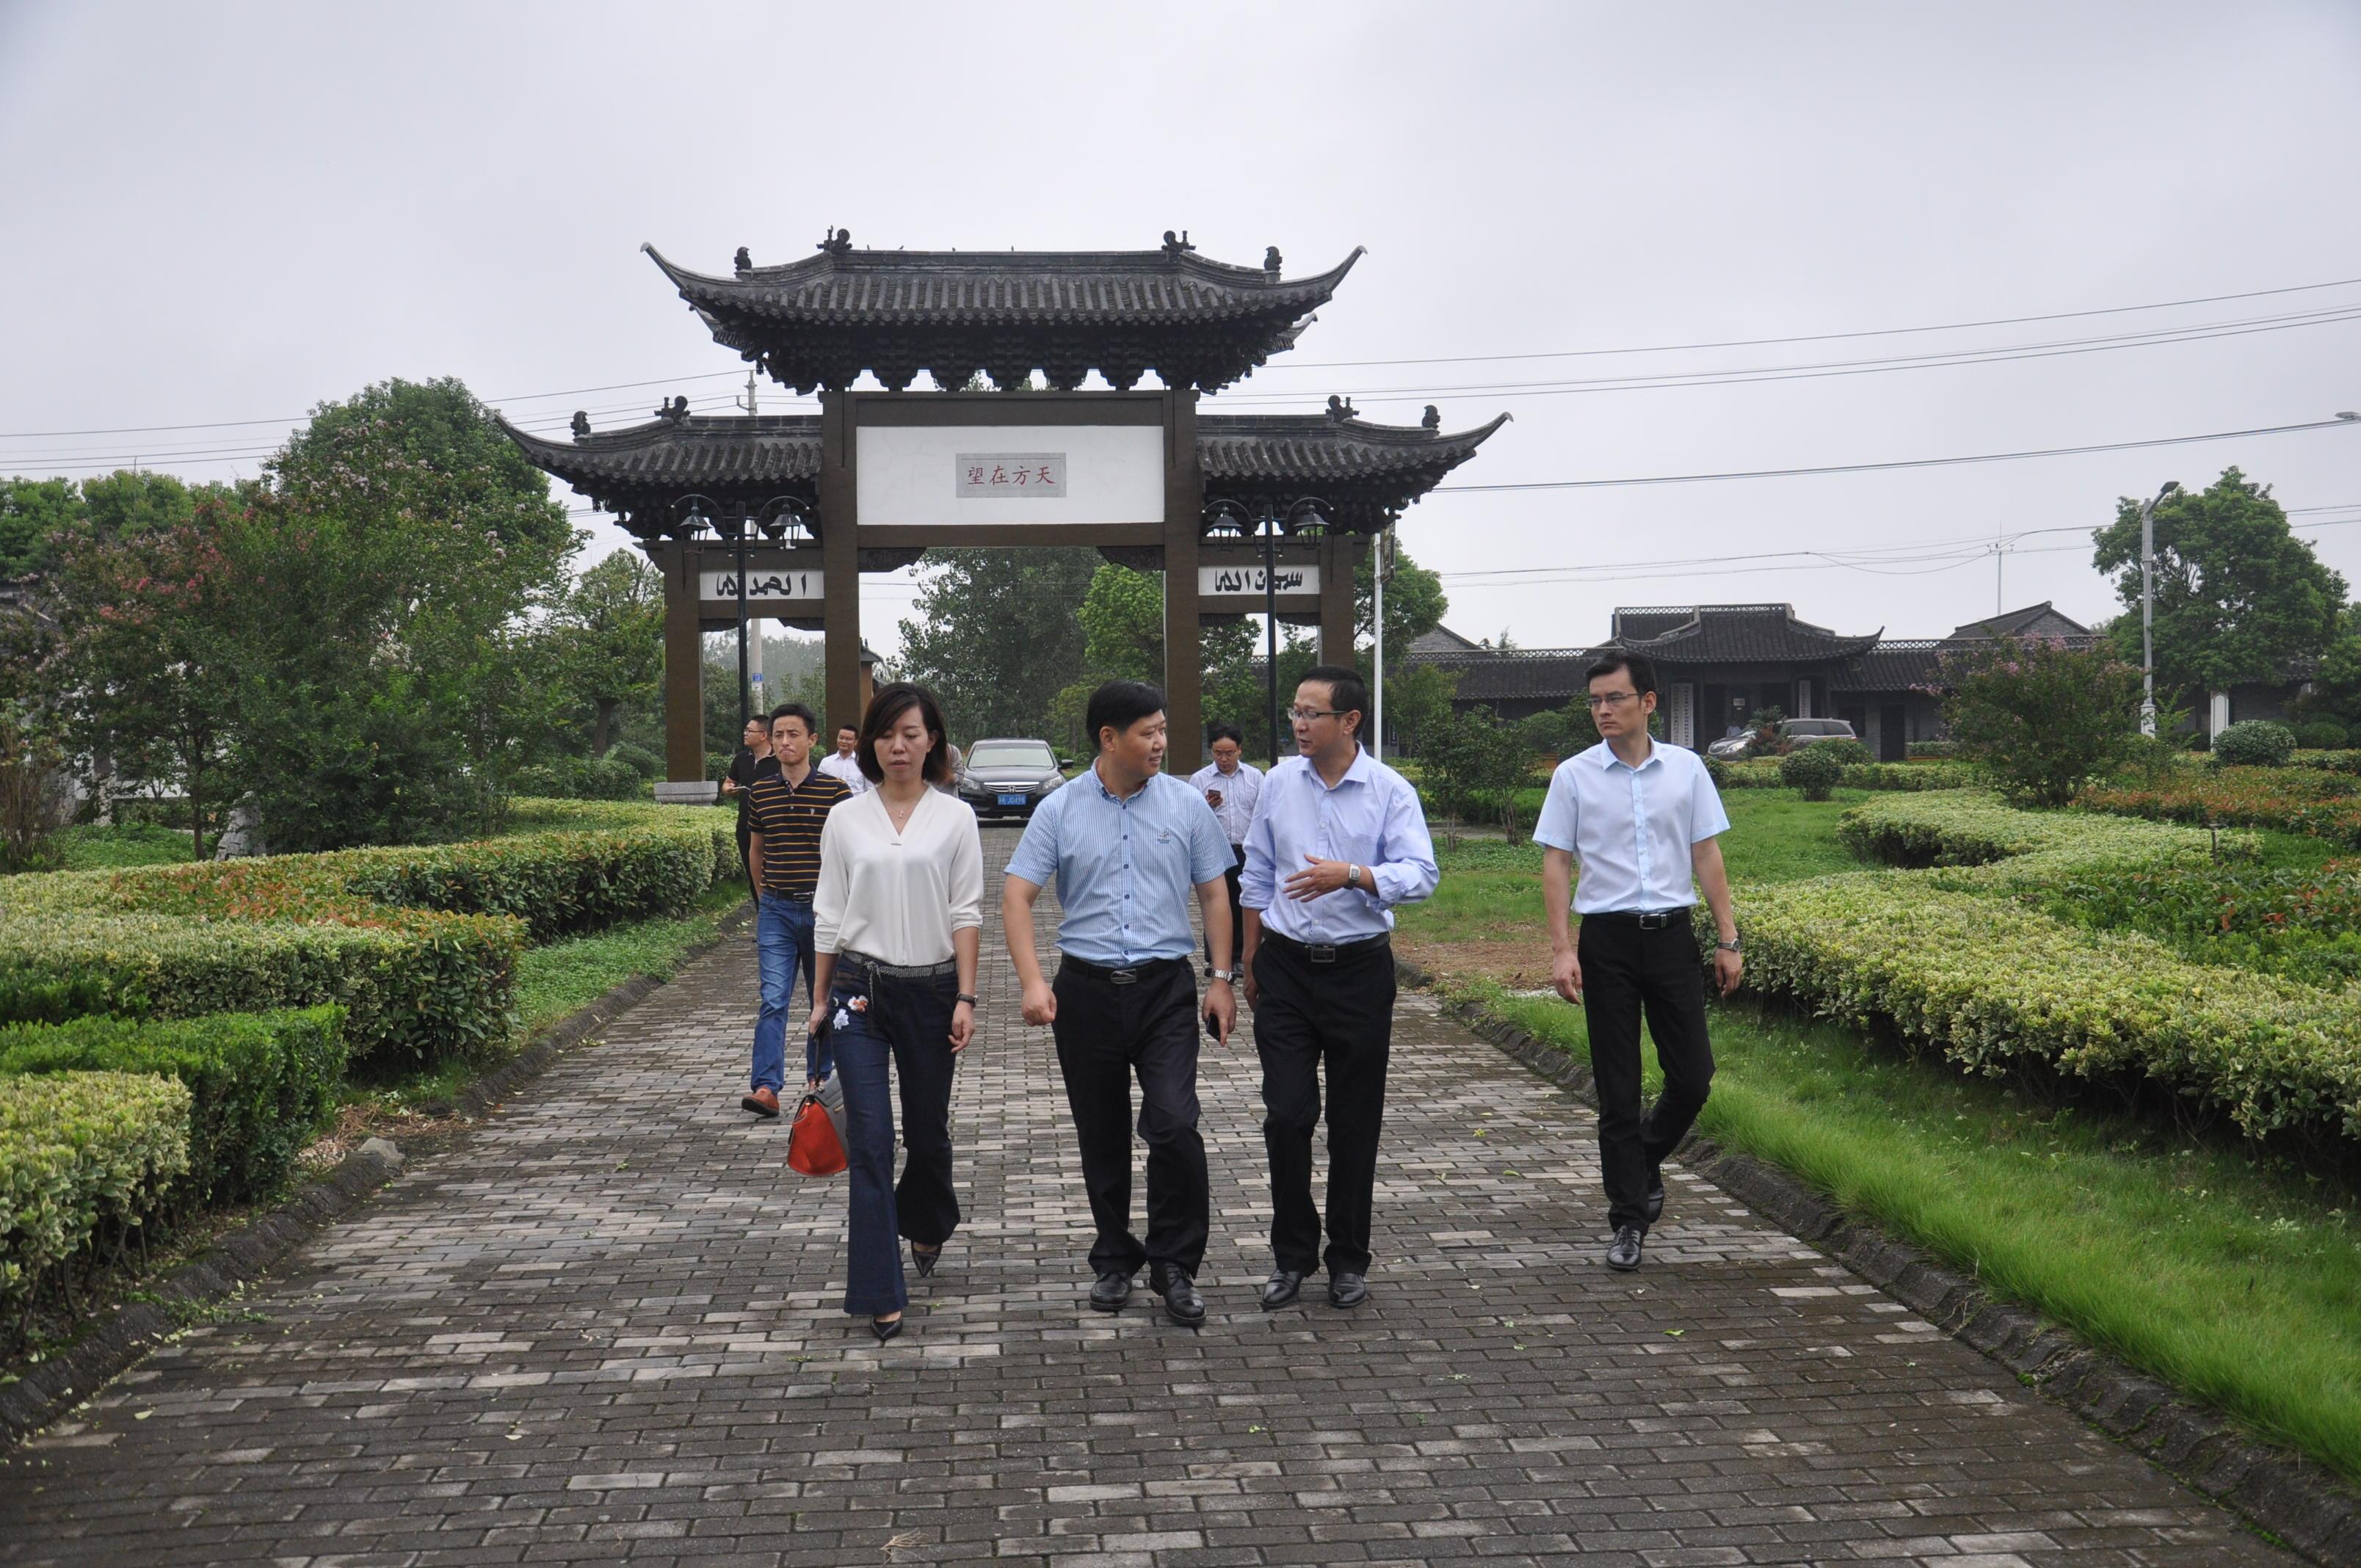 金鹏v一行领导一行前往菱塘回族乡考察参观歌曲美食节的图片